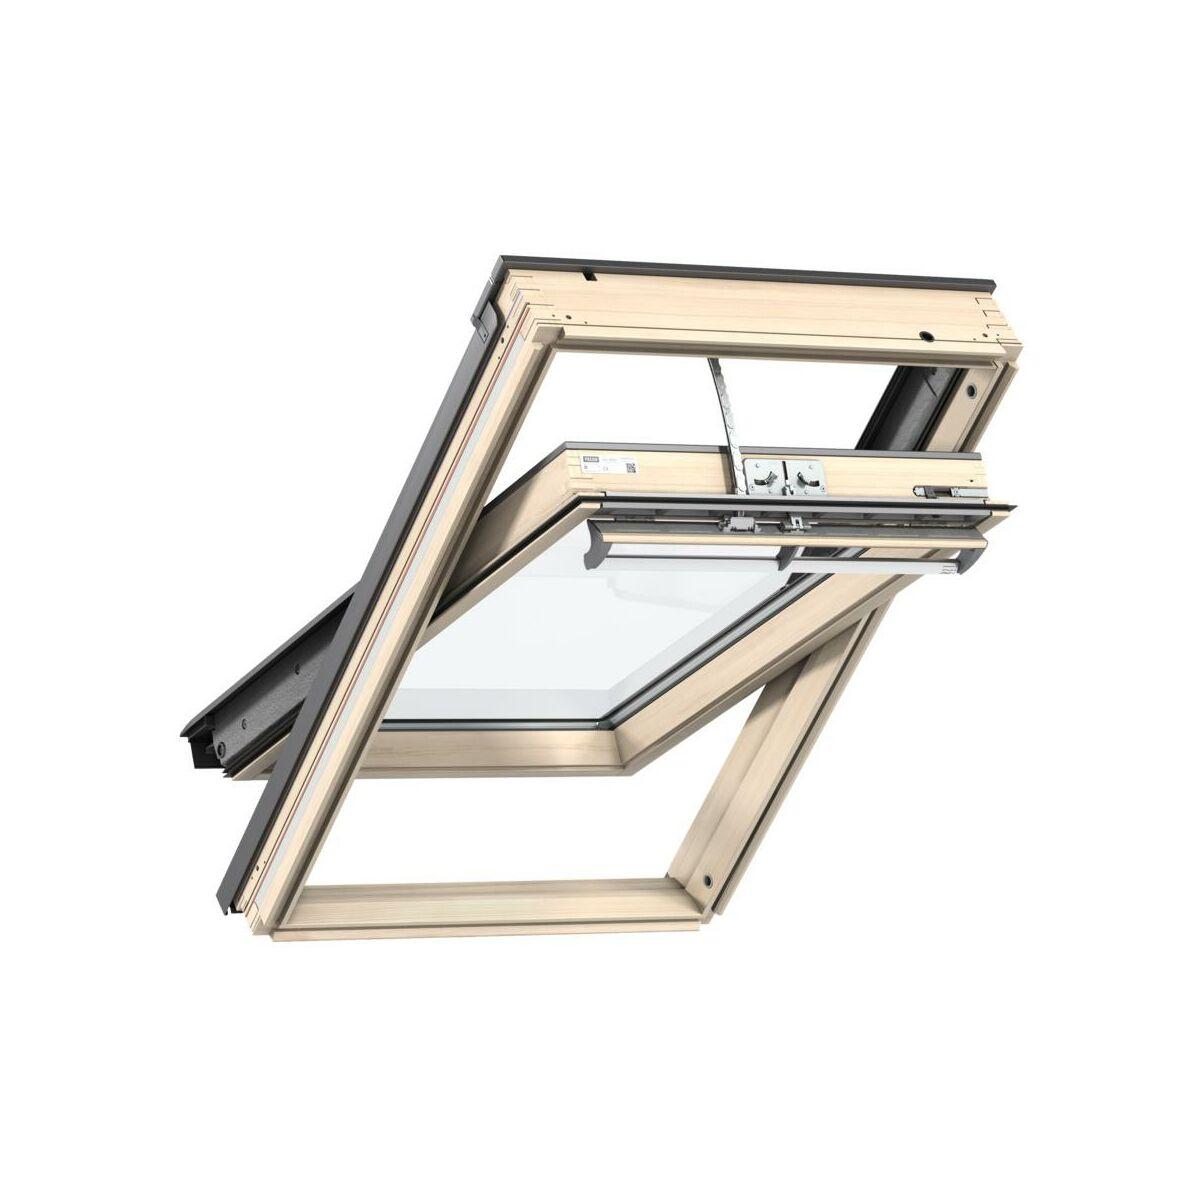 okno dachowe ggl sk06 3060r21 velux okna dachowe w atrakcyjnej cenie w sklepach leroy merlin. Black Bedroom Furniture Sets. Home Design Ideas